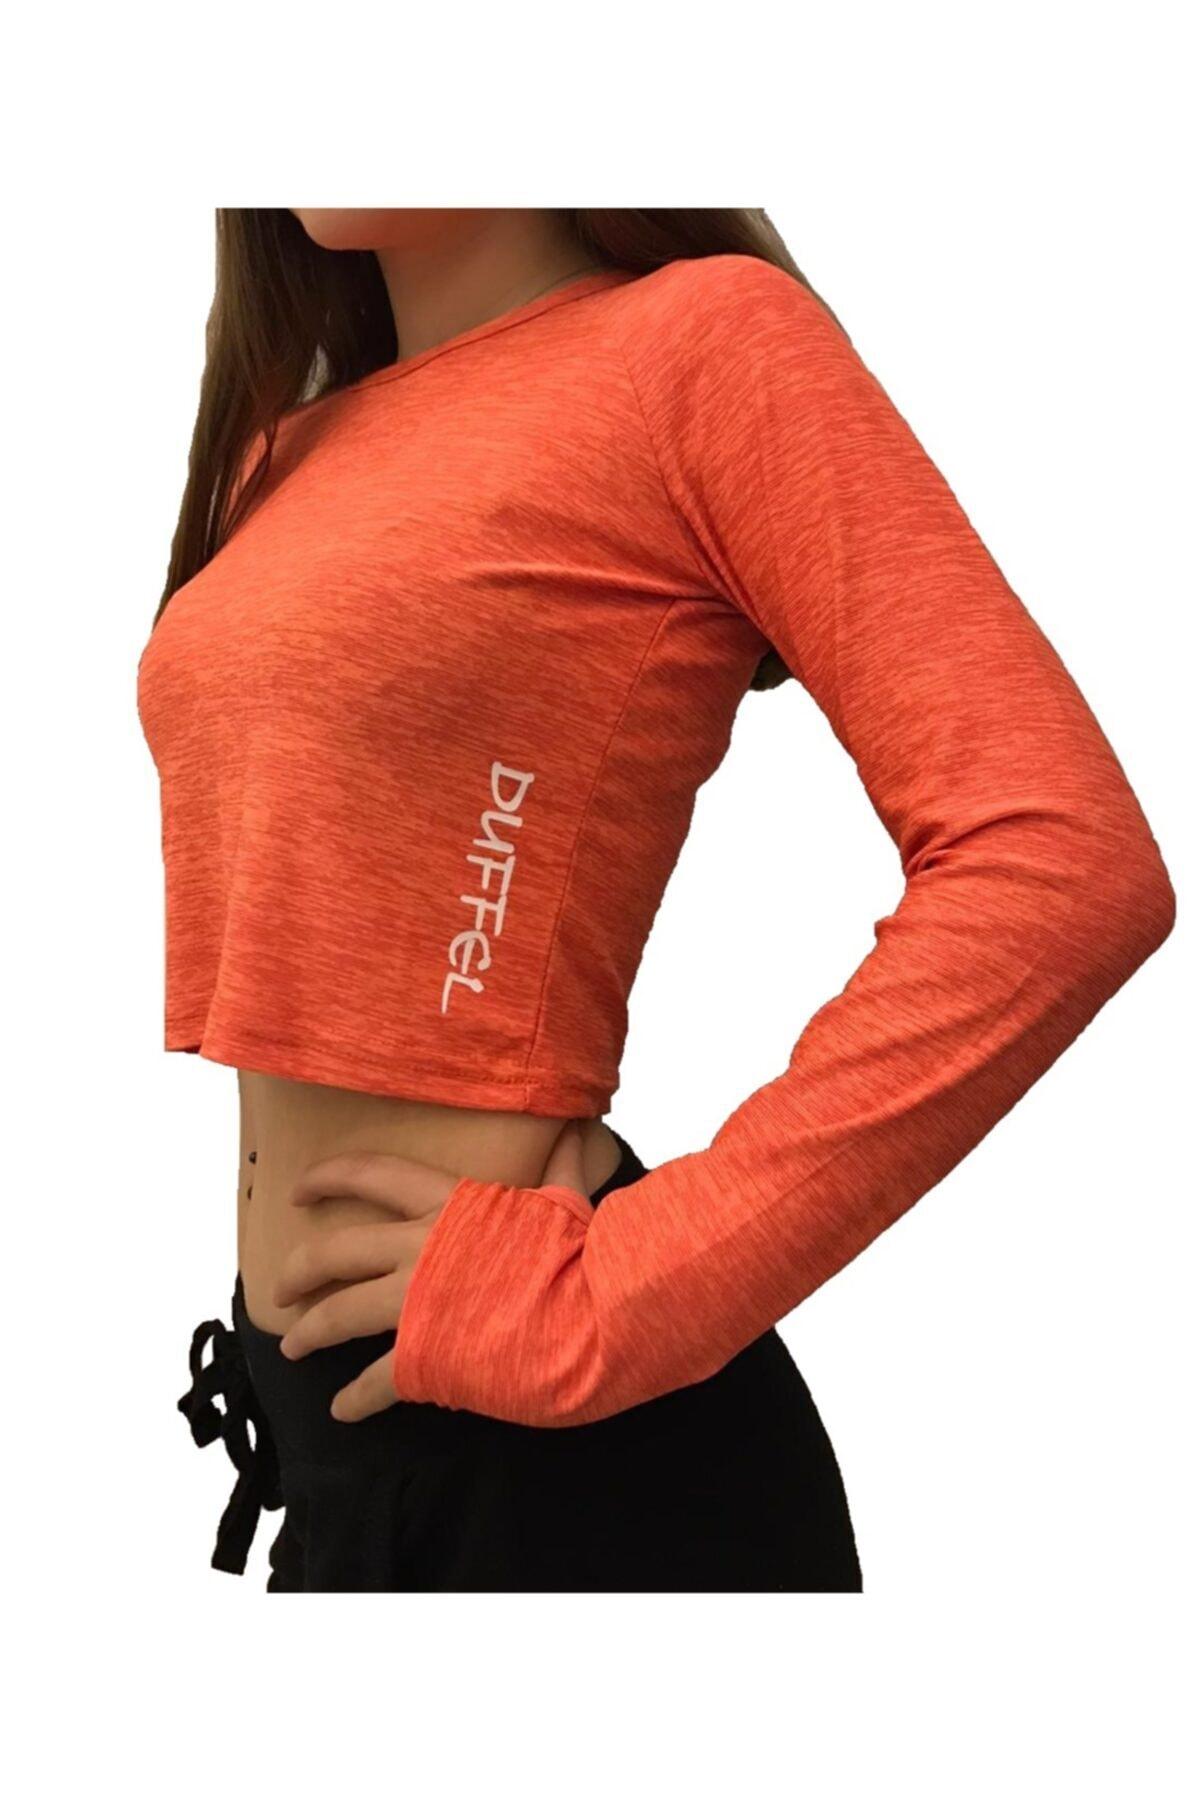 Duffel Kadın Spor Tshirt 1